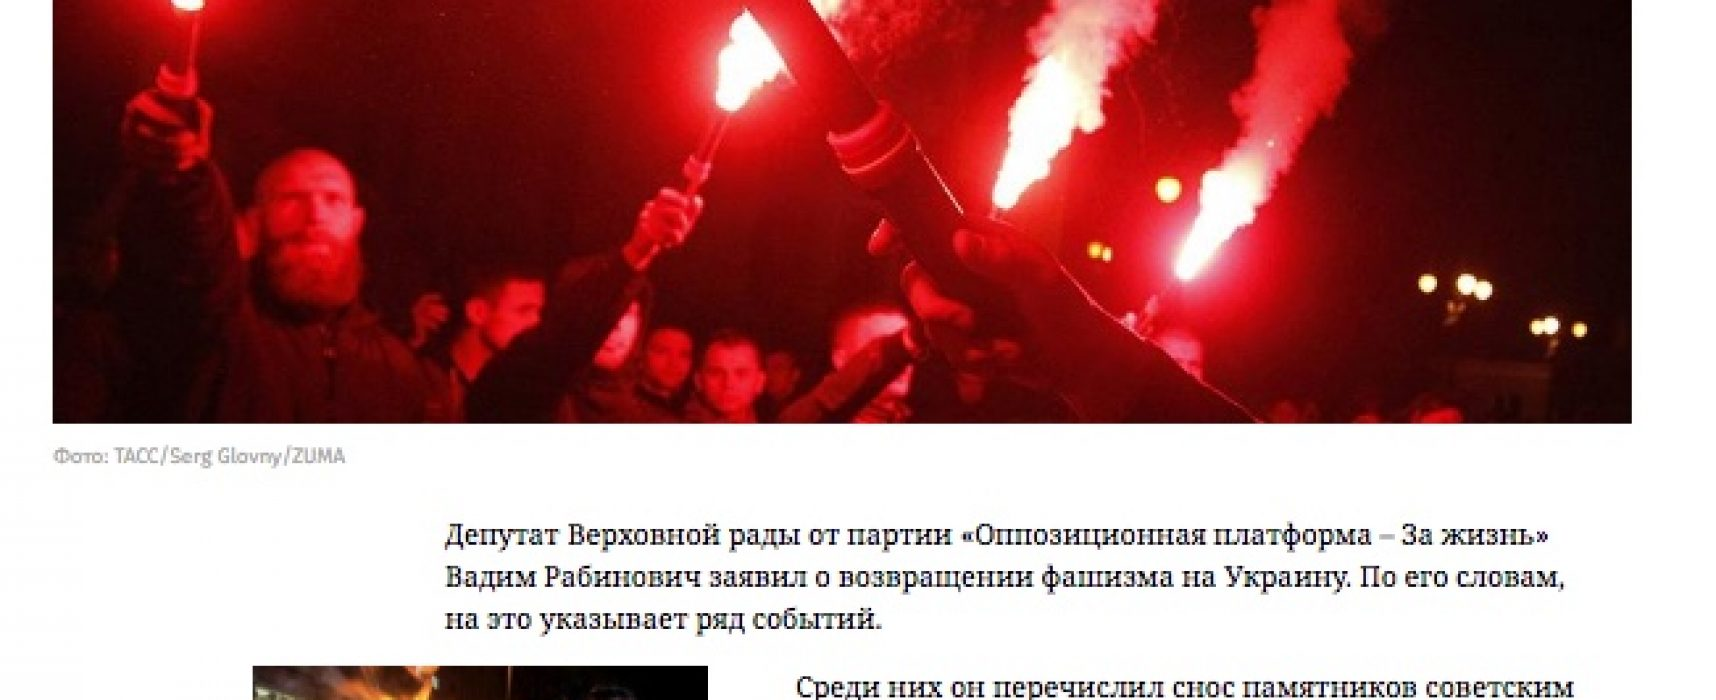 Фейк: В Україну «повертається фашизм»